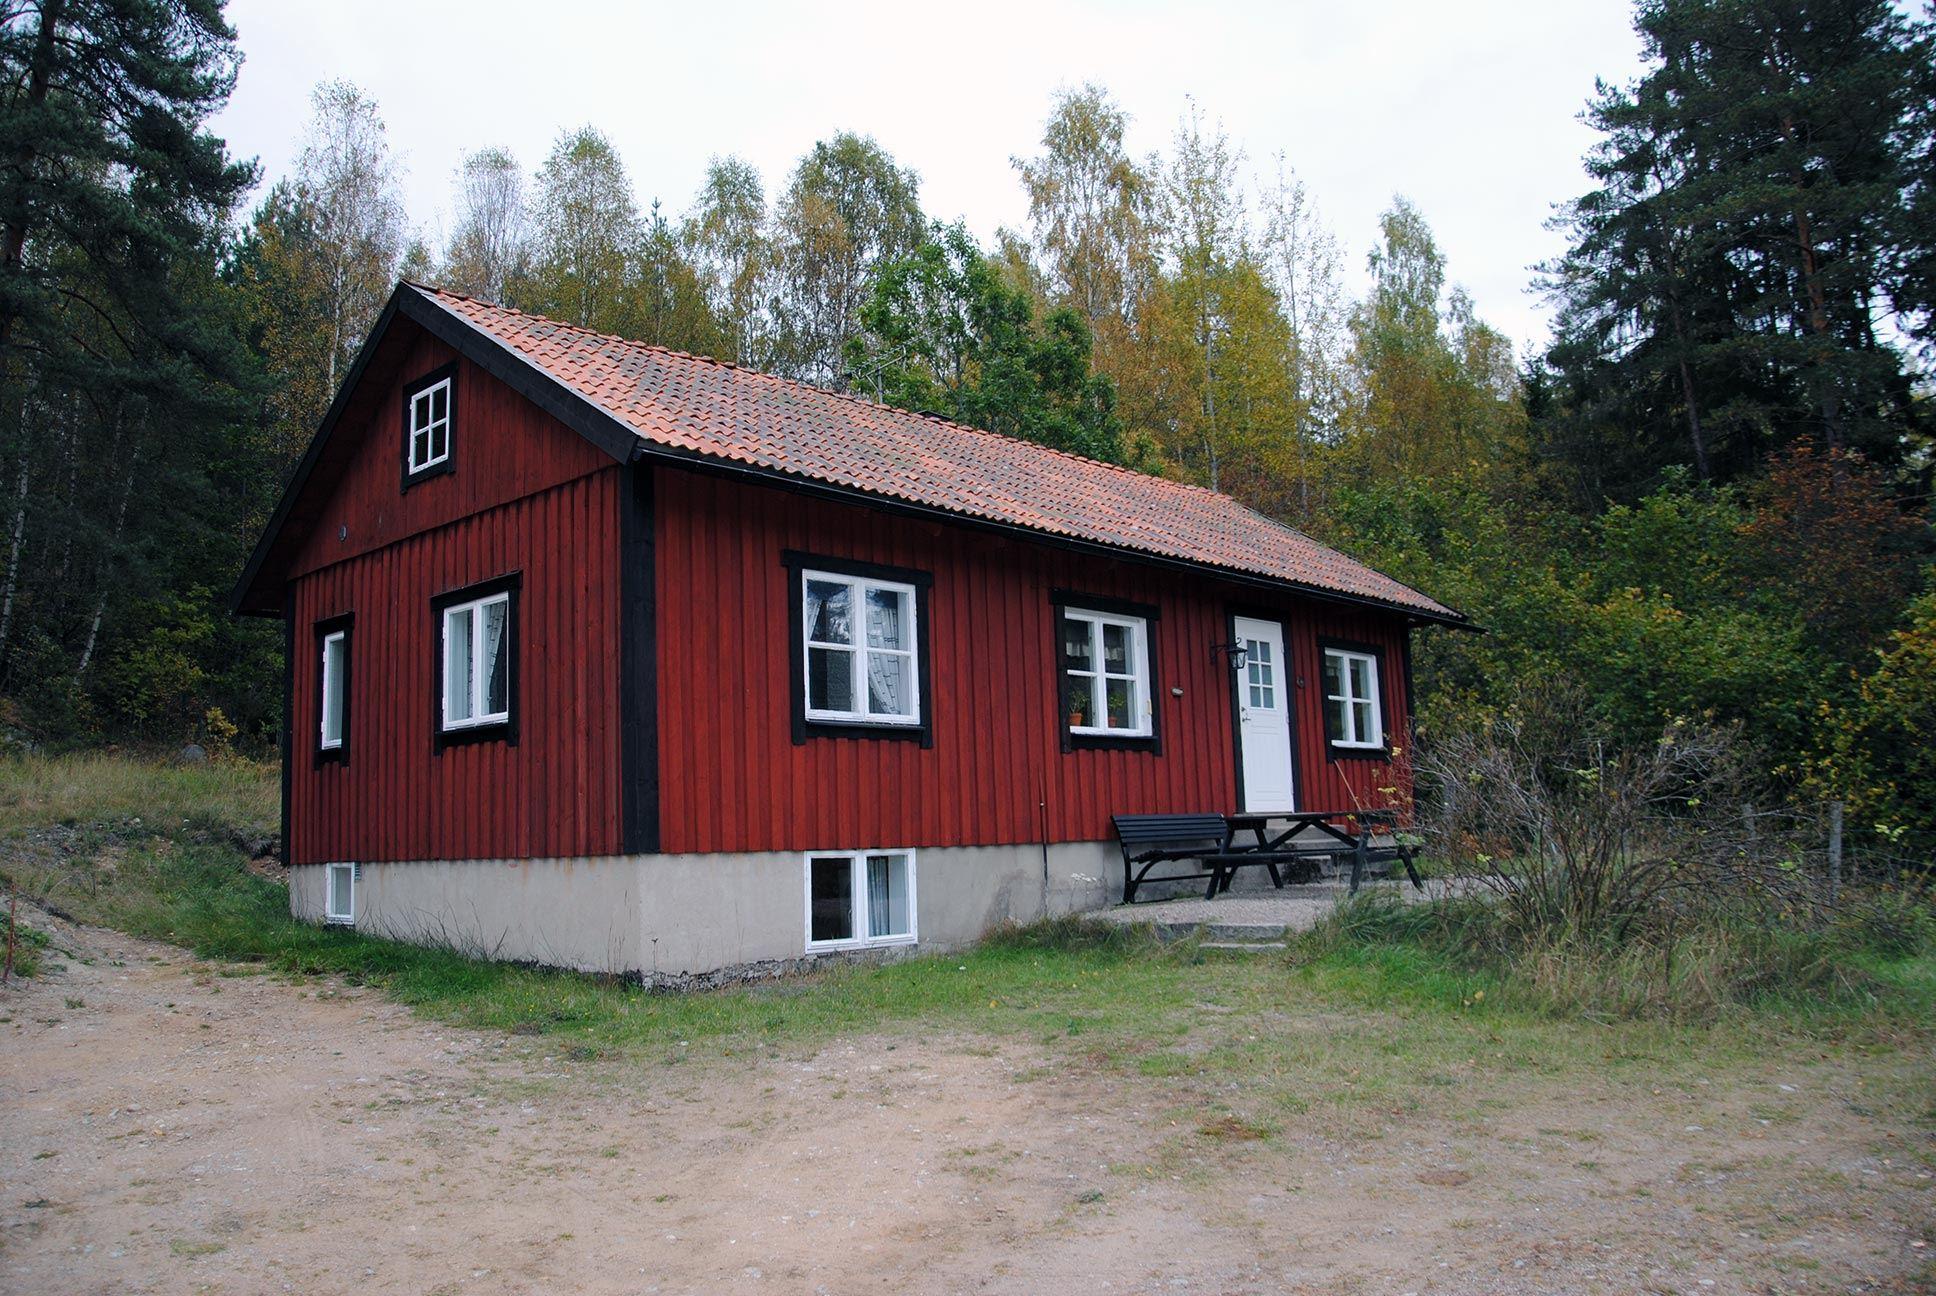 07-114, Bärsjöholm, Åby